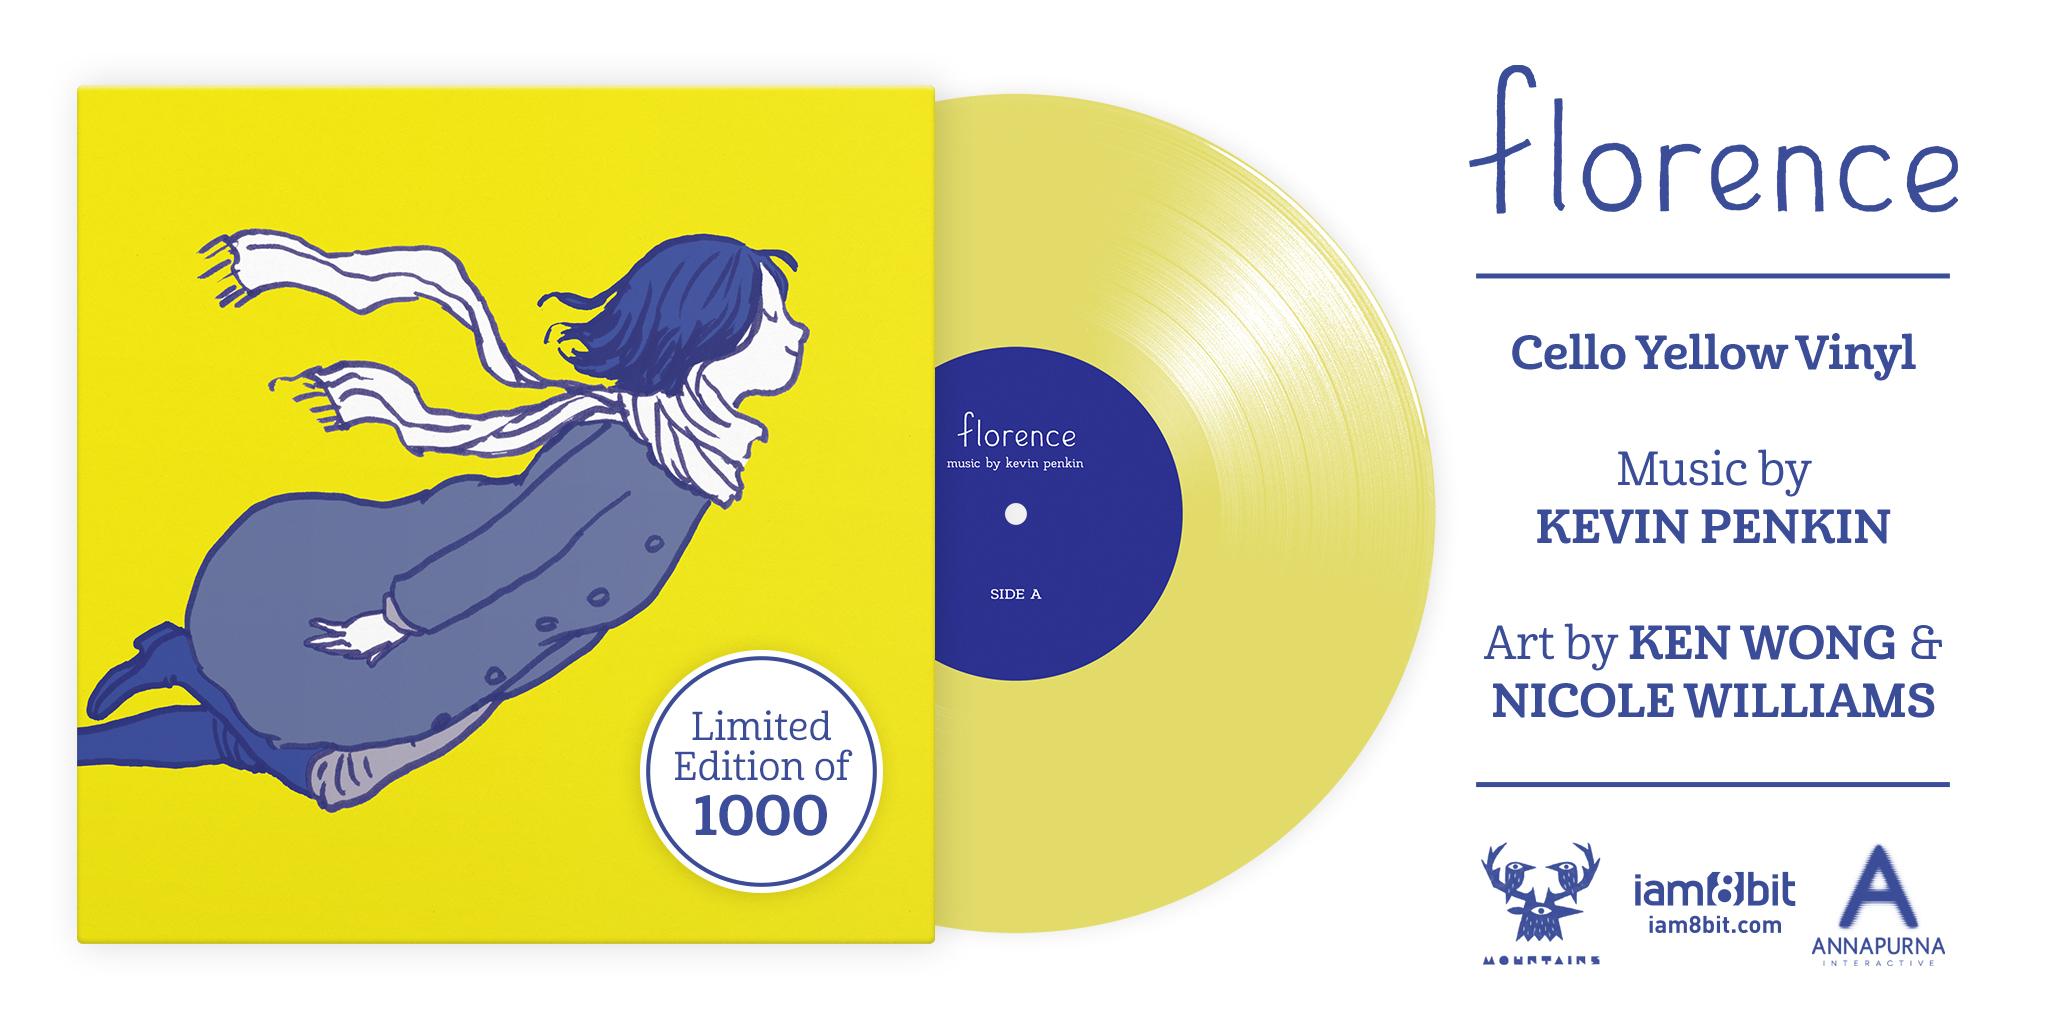 twitter01-florence-vinyl (1).jpg